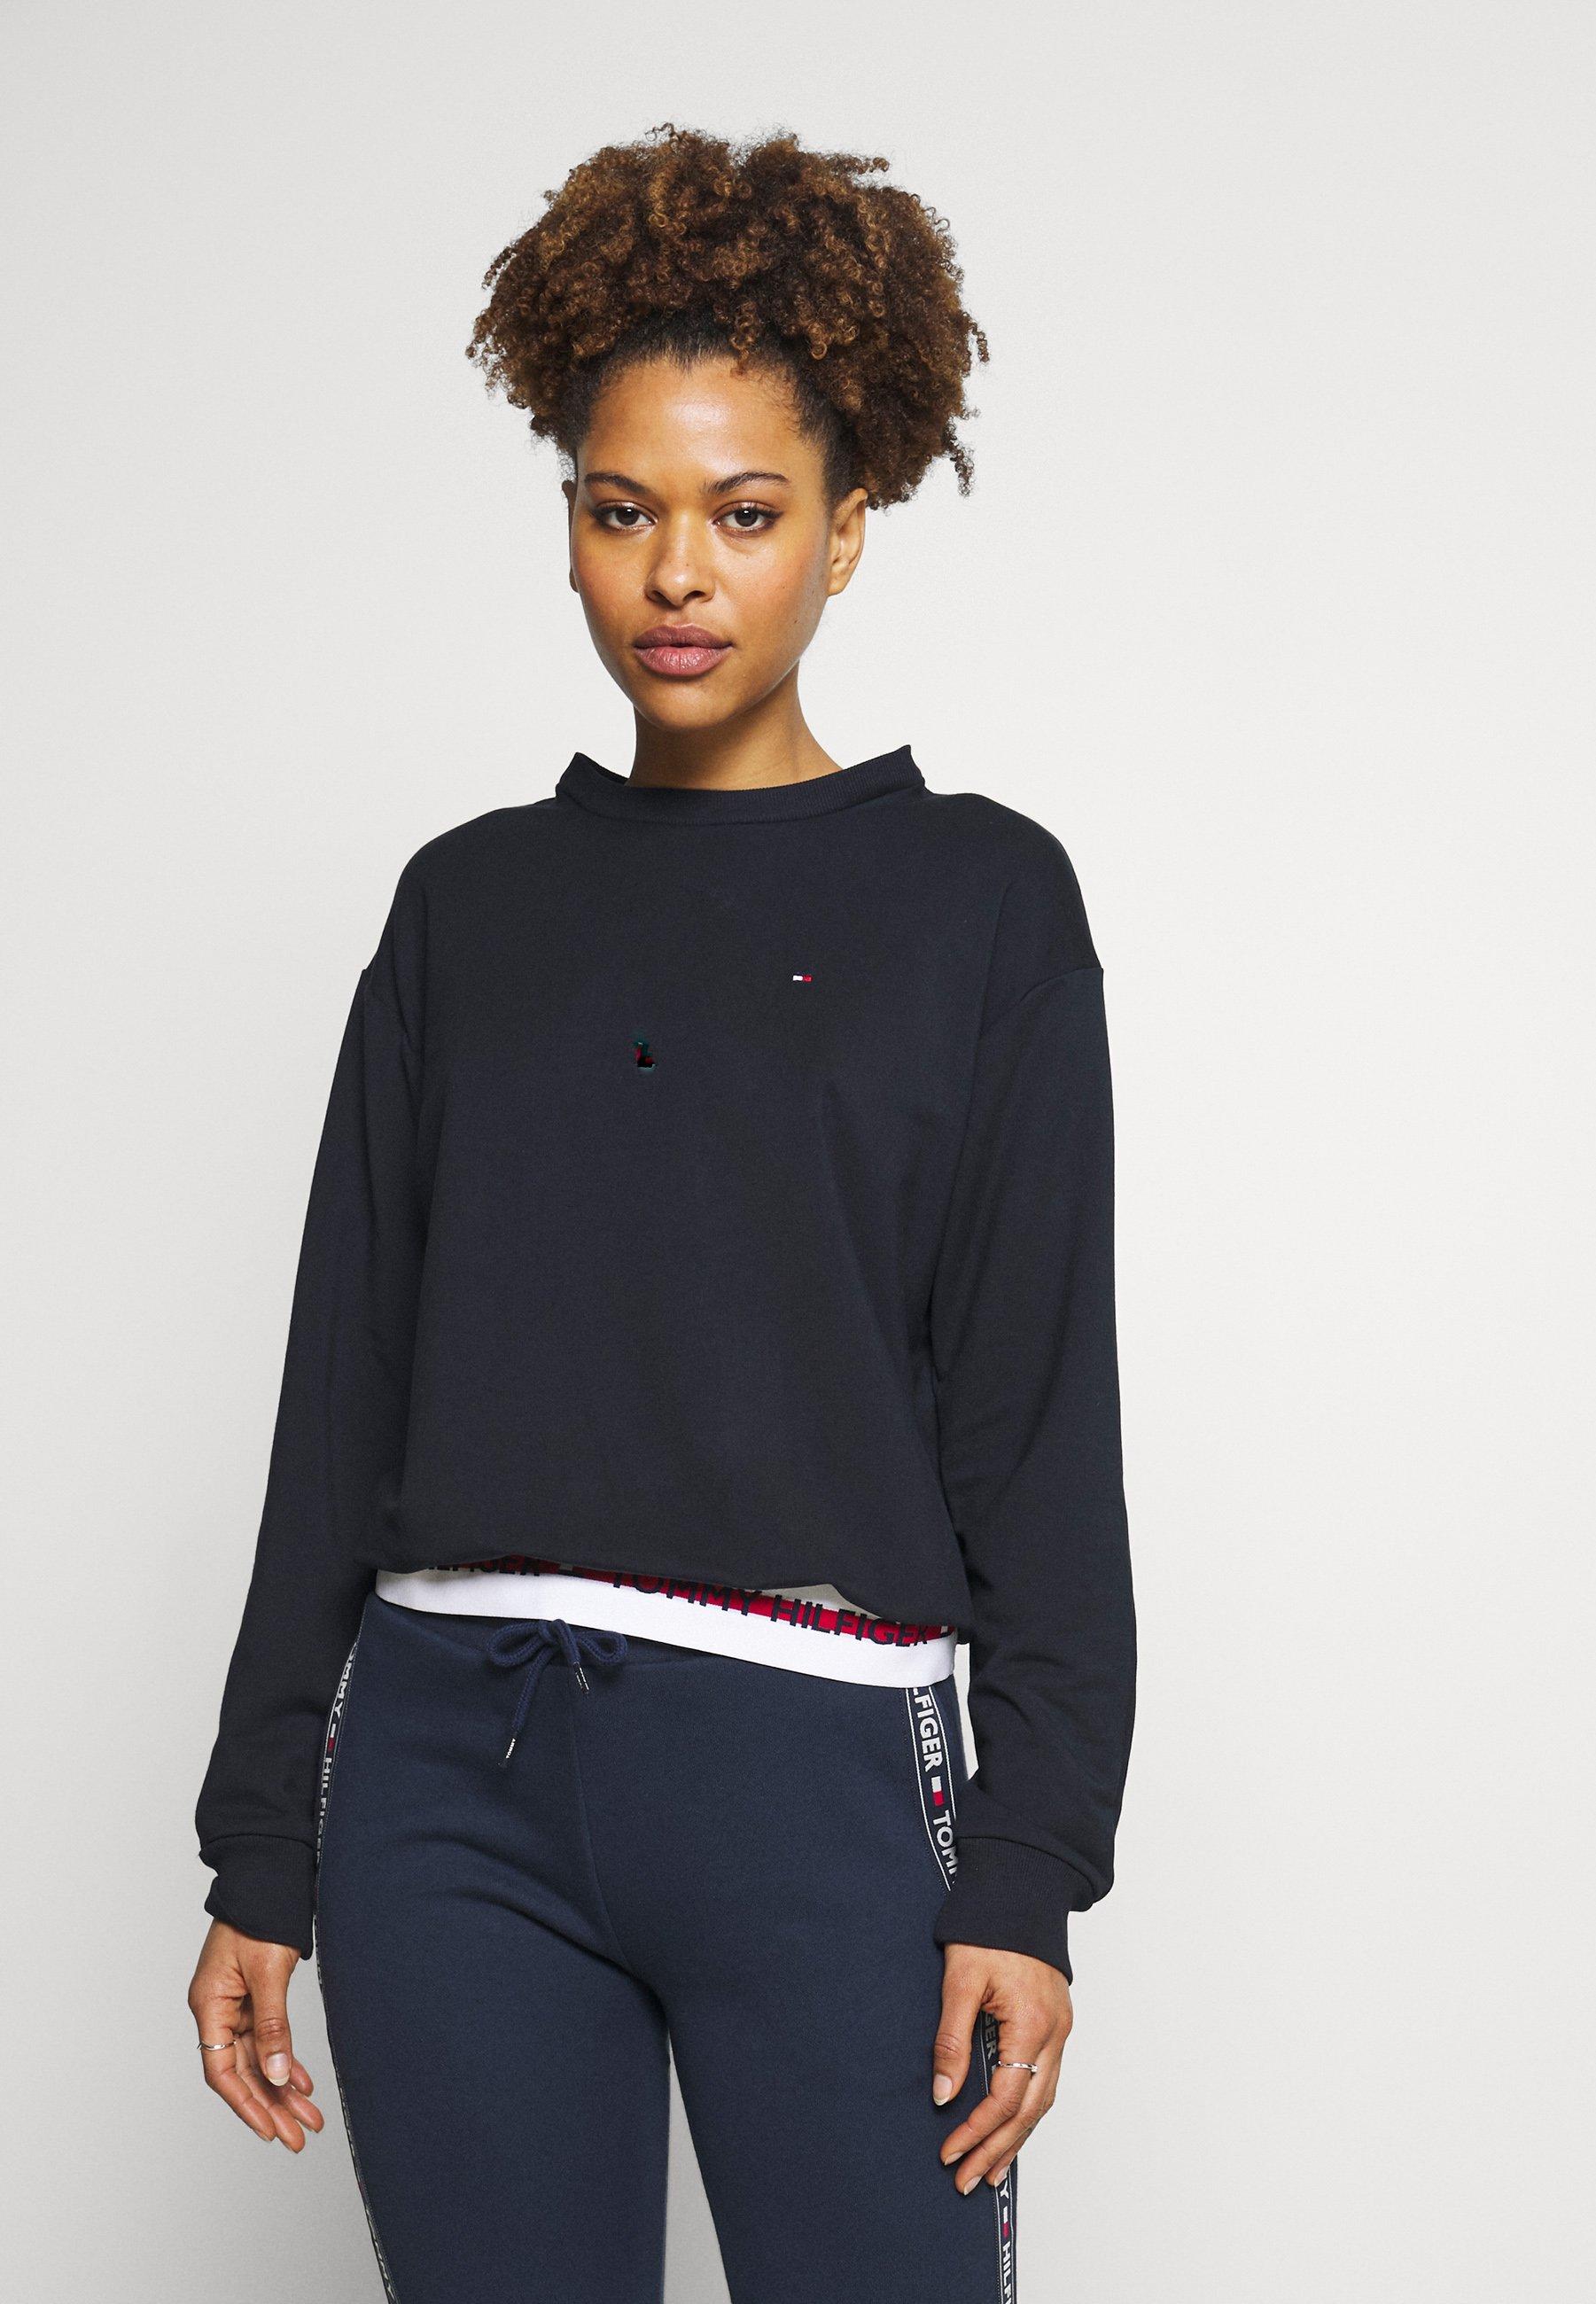 Damen NATURE TECH TRACK TOP - Nachtwäsche Shirt